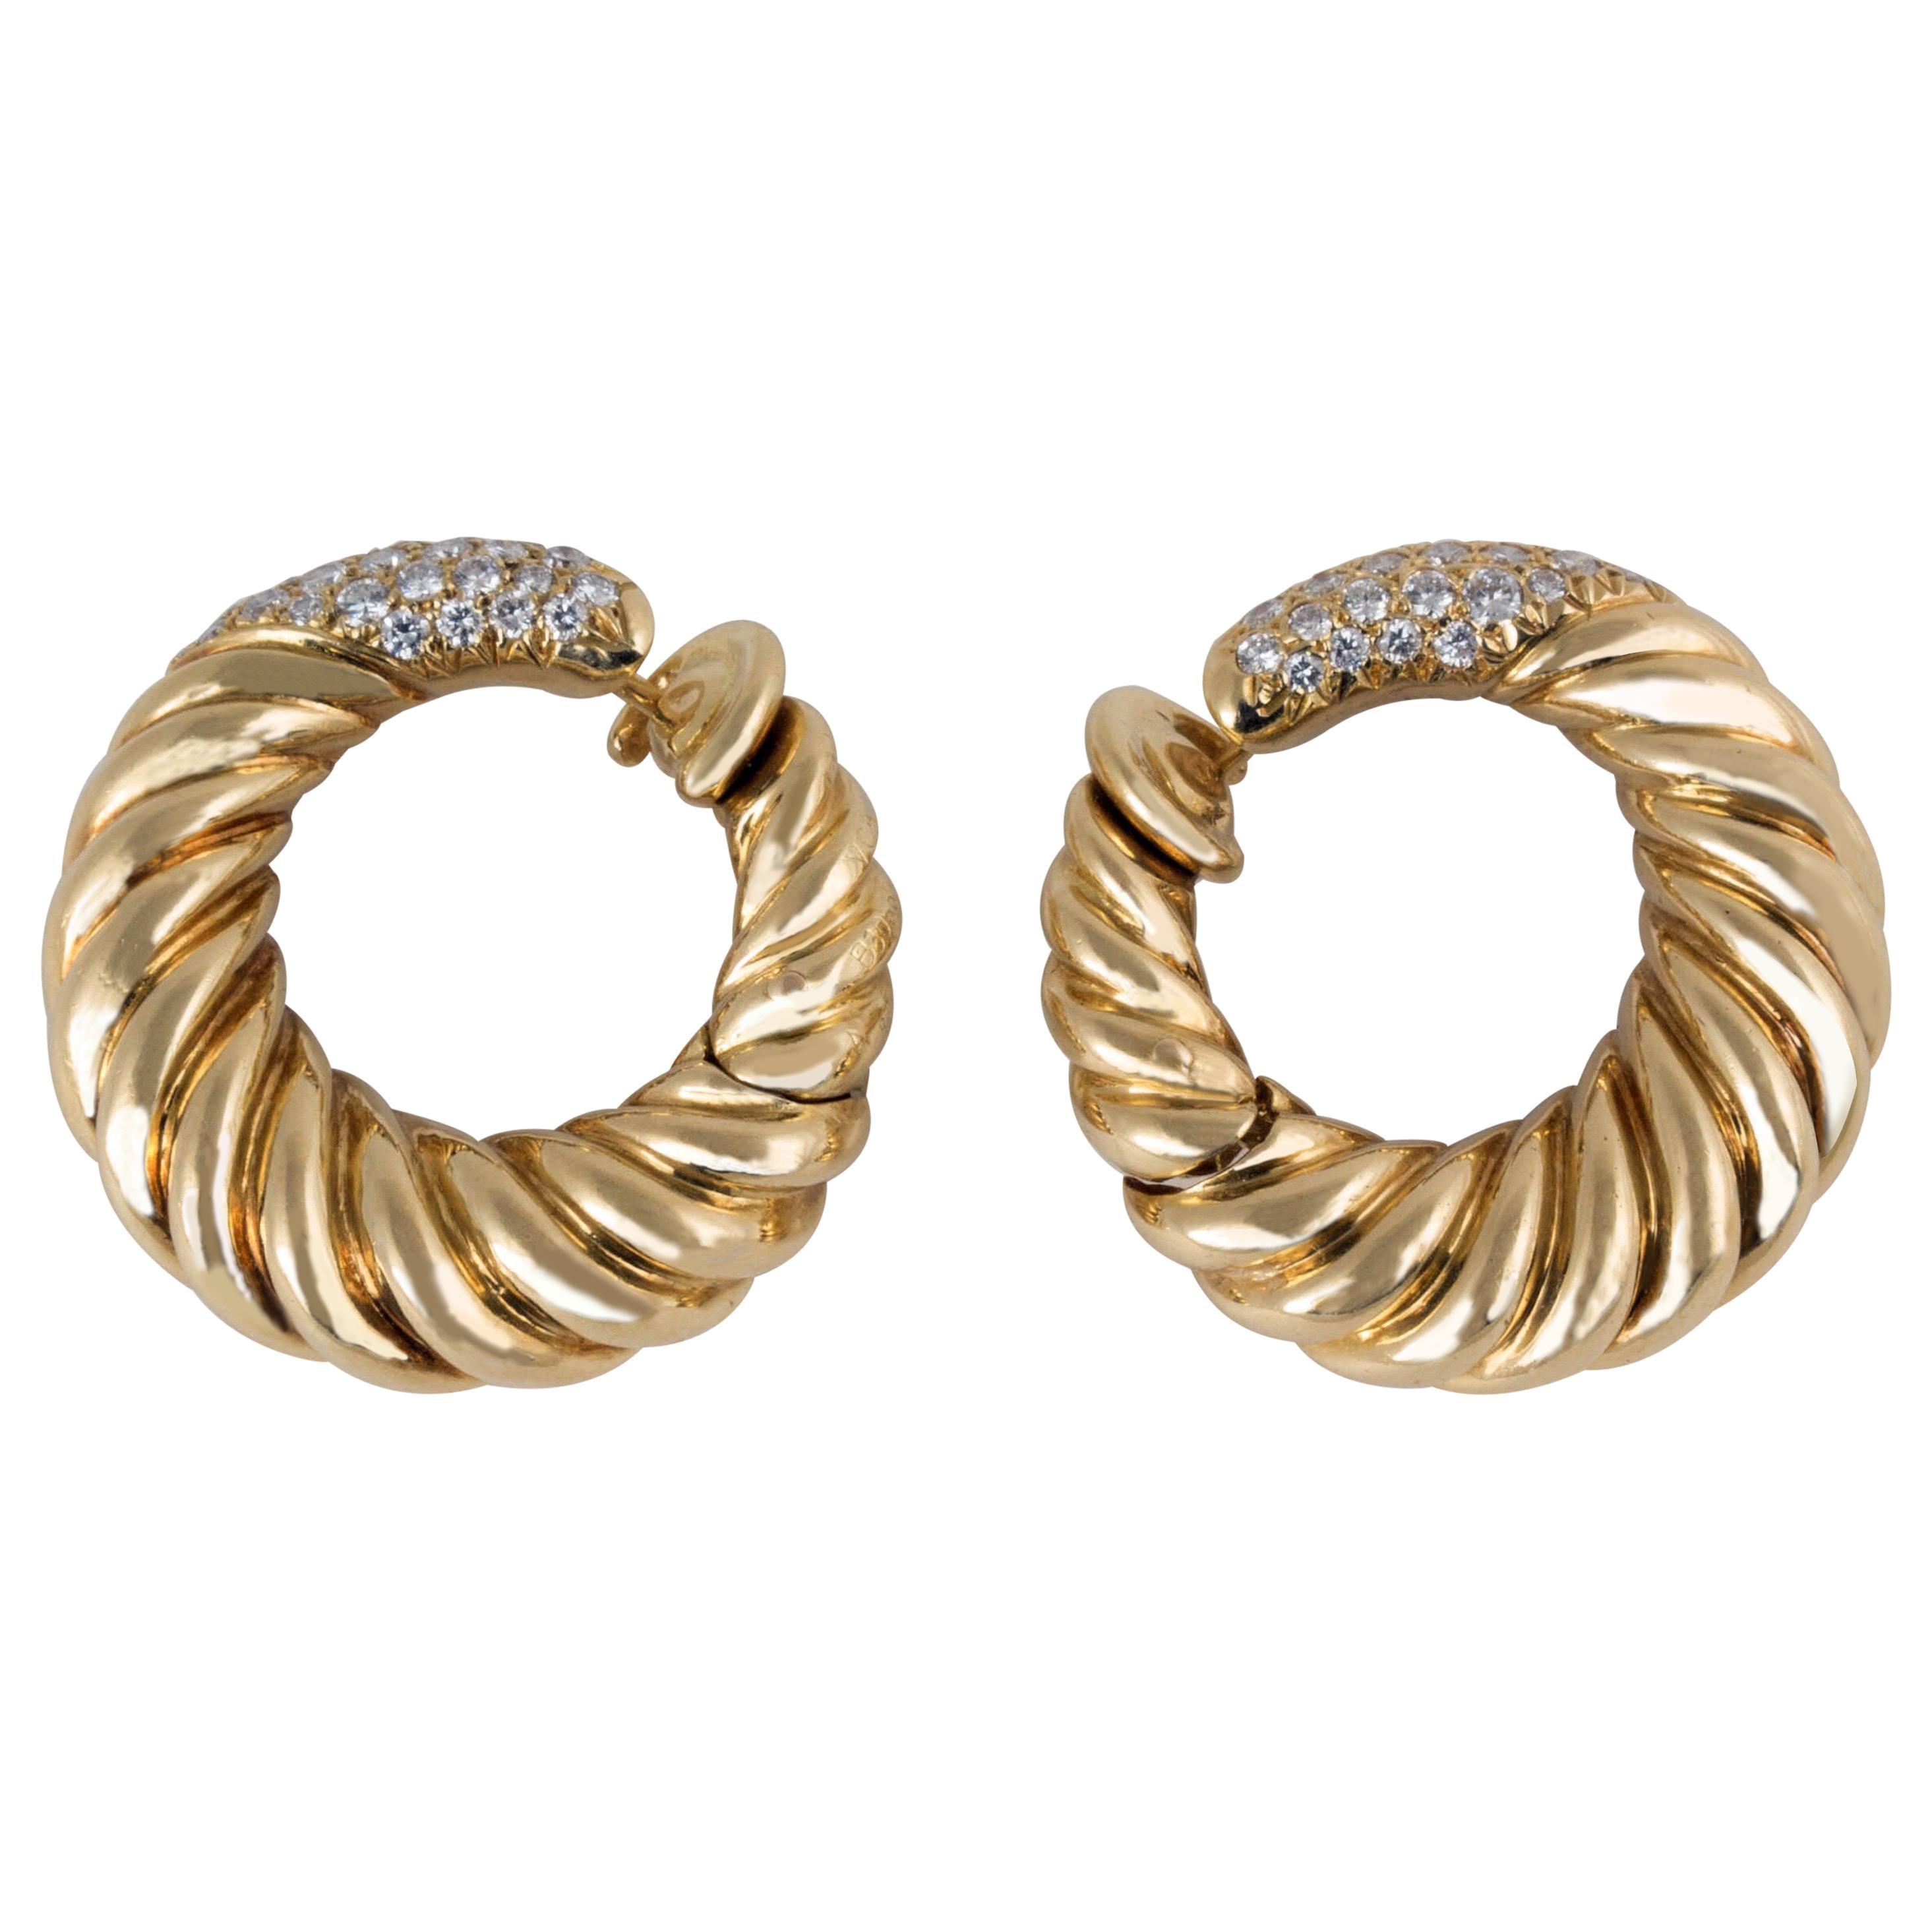 Van Cleef & Arpels 18 Karat Gold Diamond Hoop Earrings